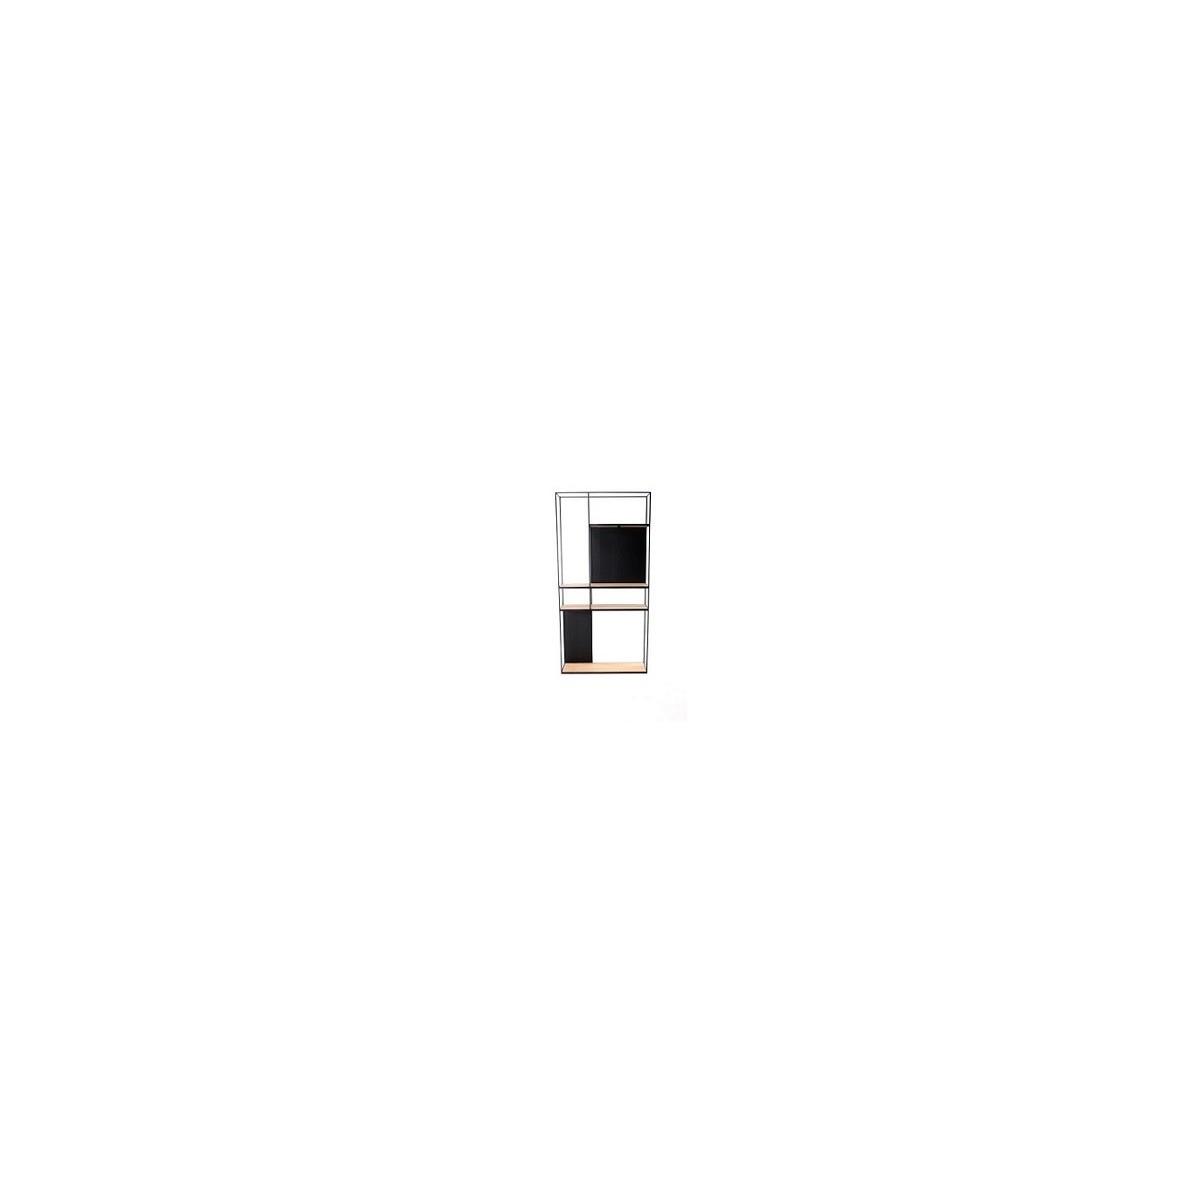 Etagère Rubic 90x180 en Métal noir et Chêne Naturel